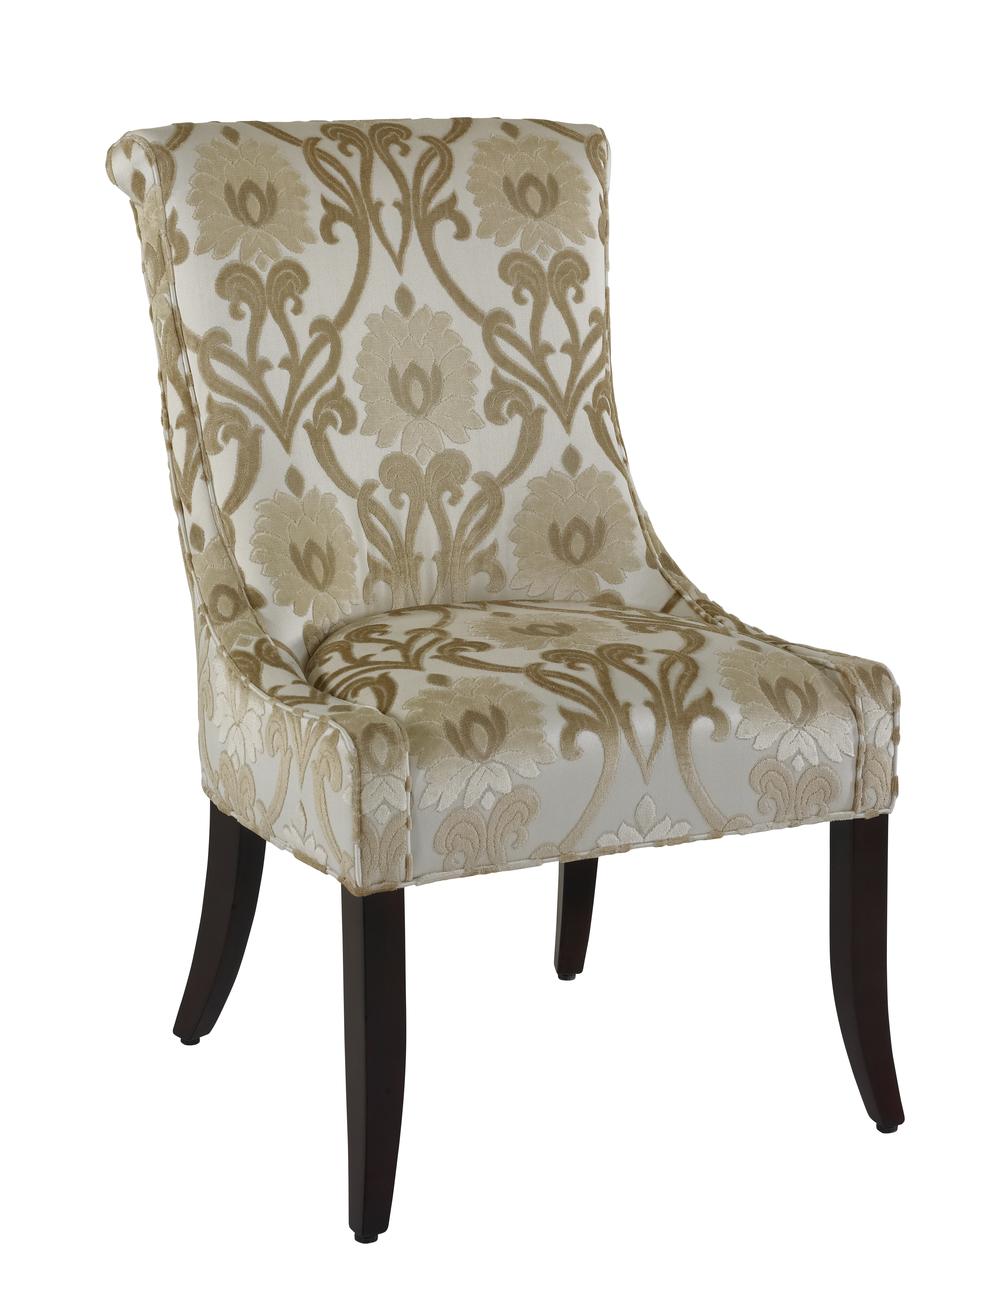 Designmaster Furniture - Grayson Host Chair